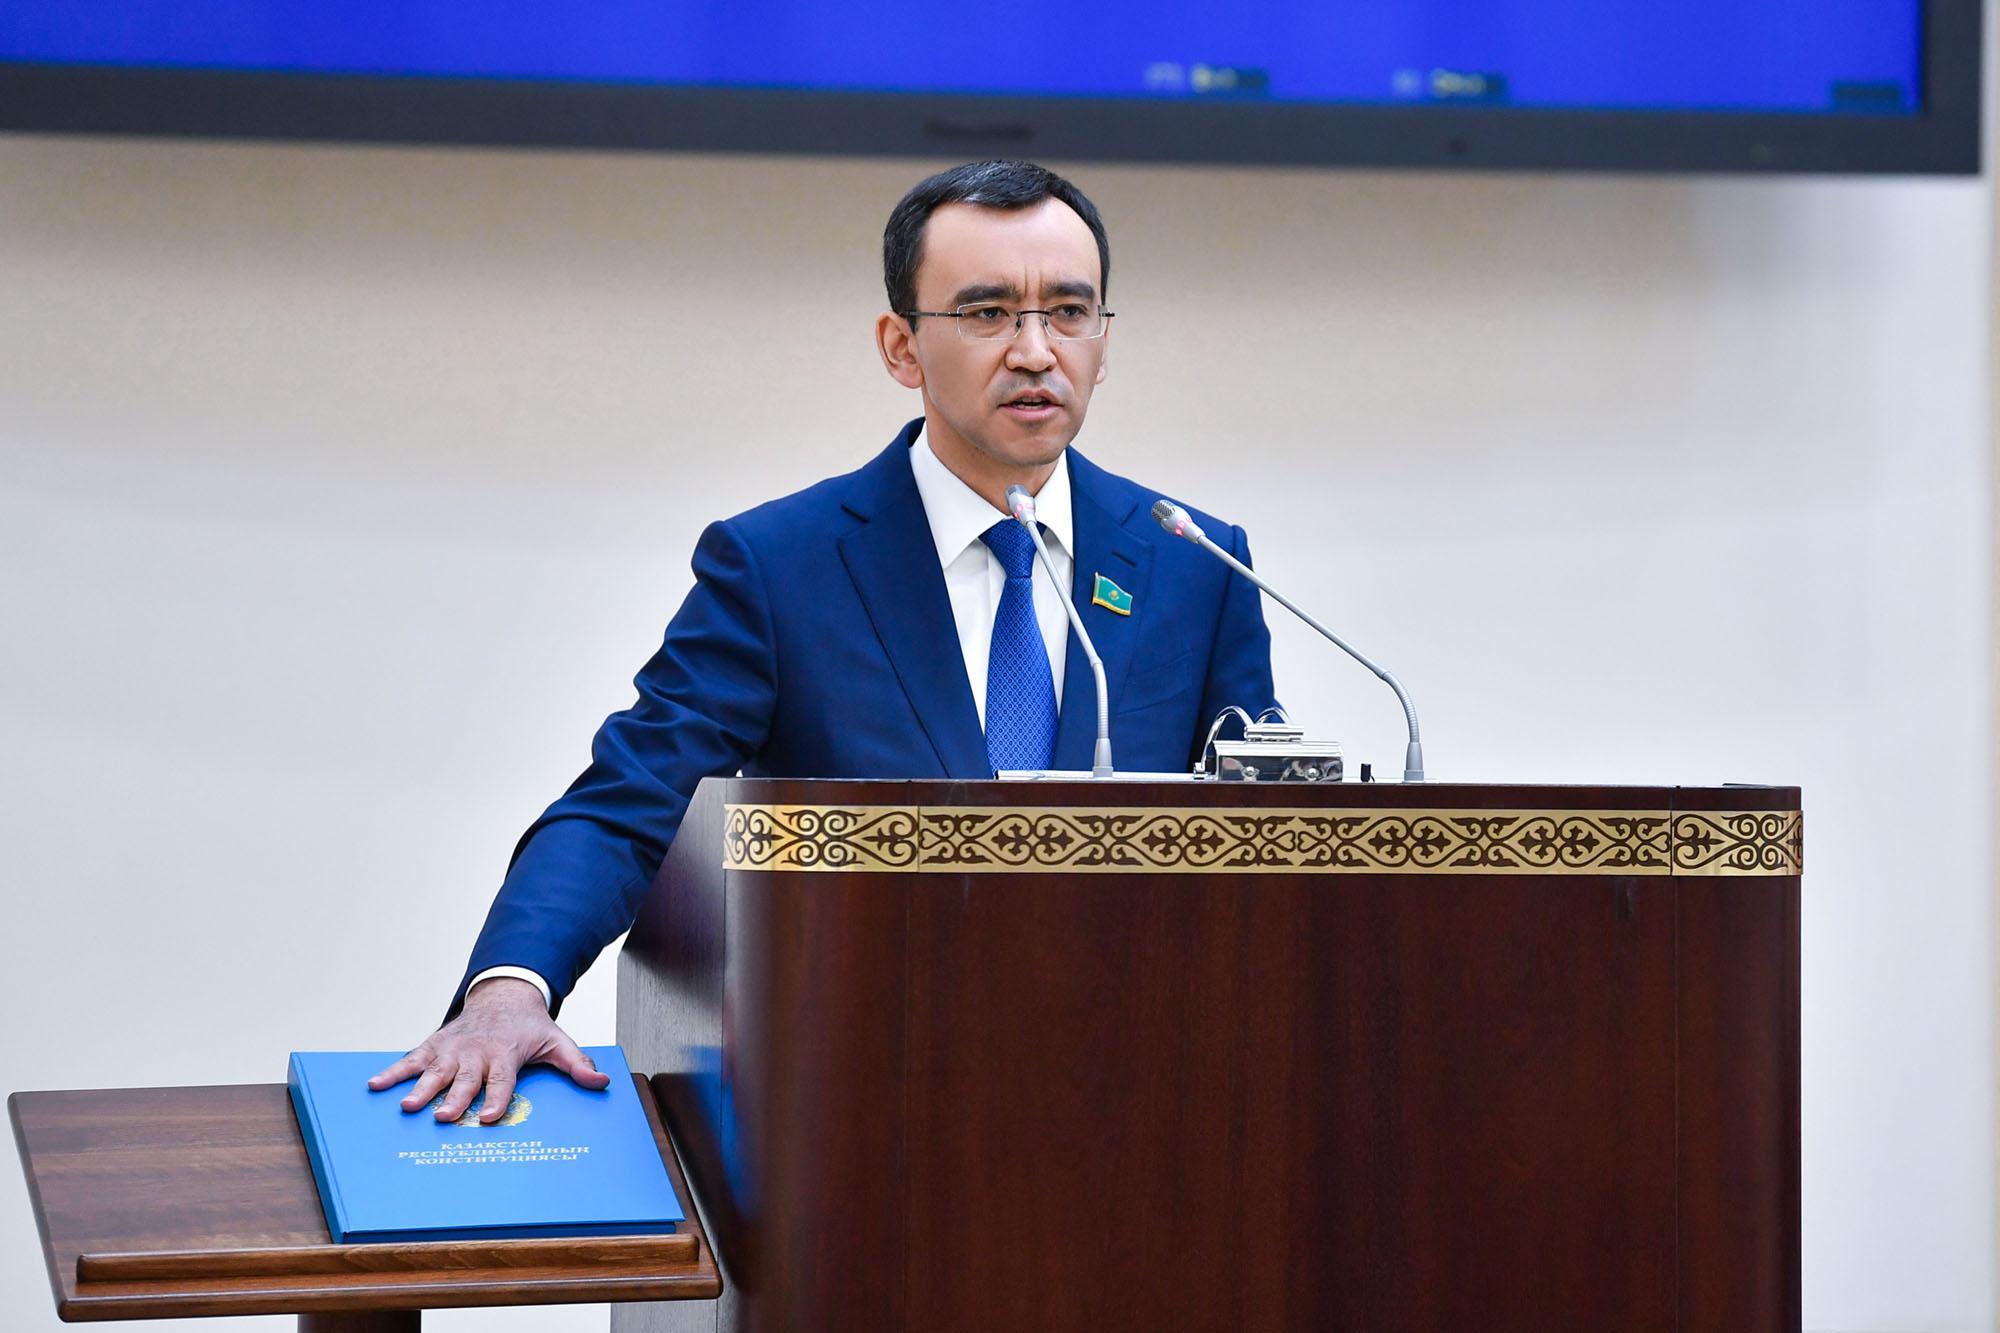 Le Secrétaire Général Félicite le Président du Sénat du Kazakhstan